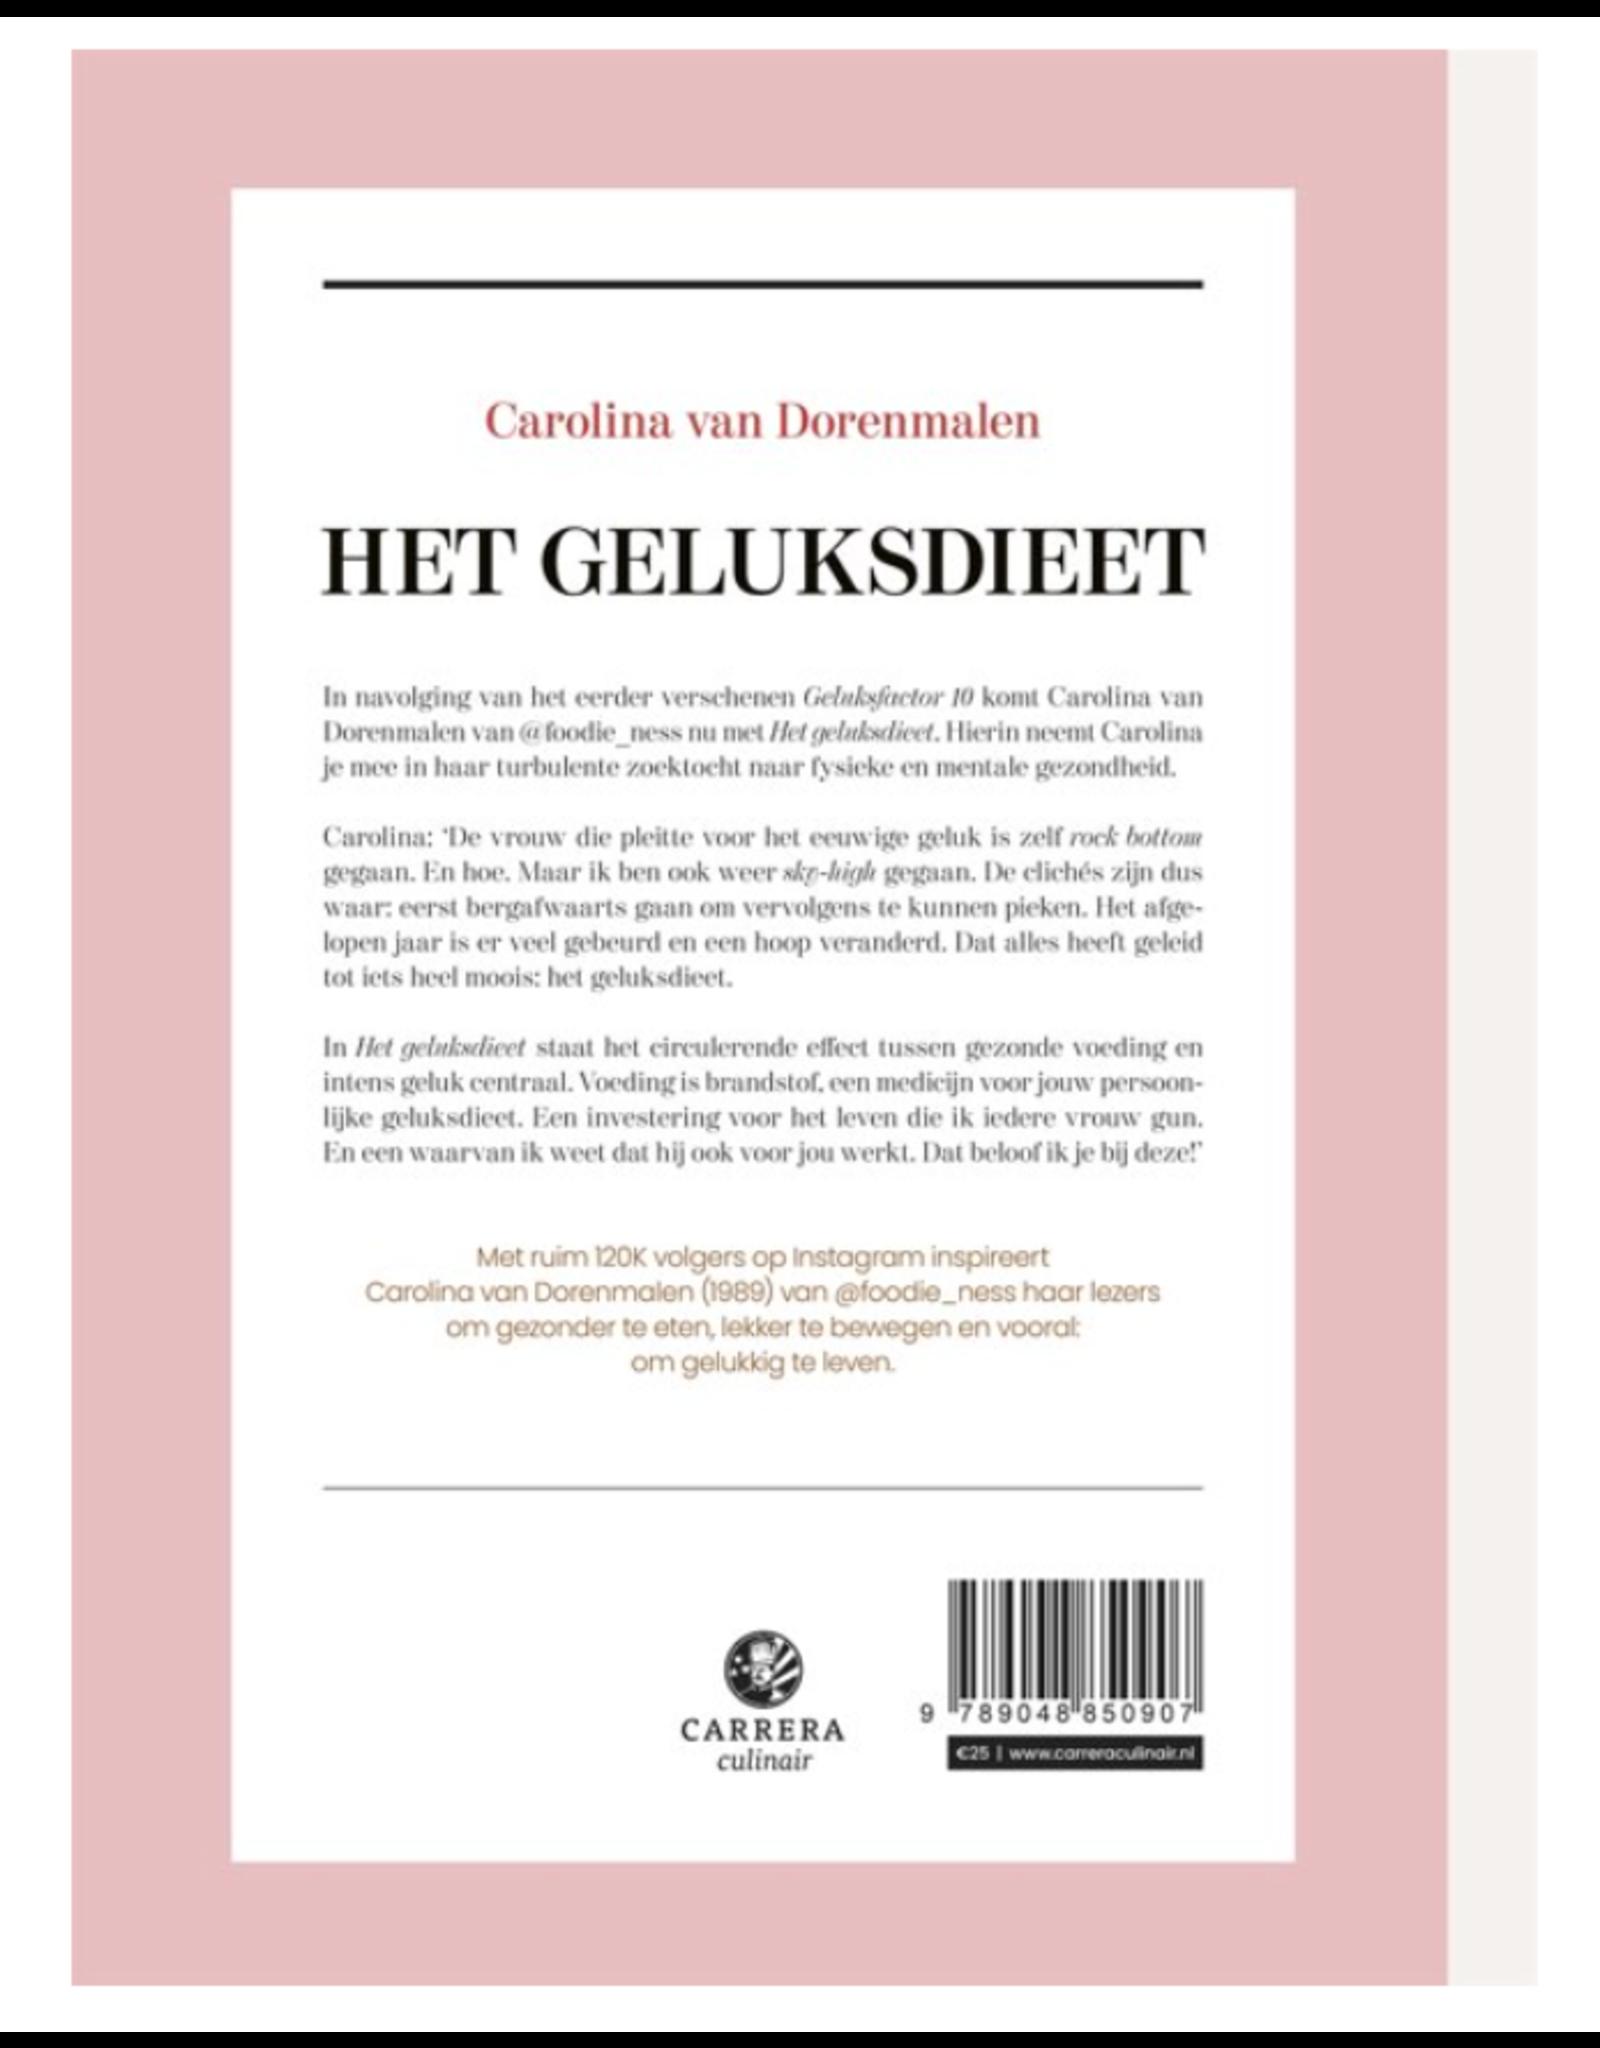 Kitchen Trend Het geluksdieet | Carolina van Dorenmalen